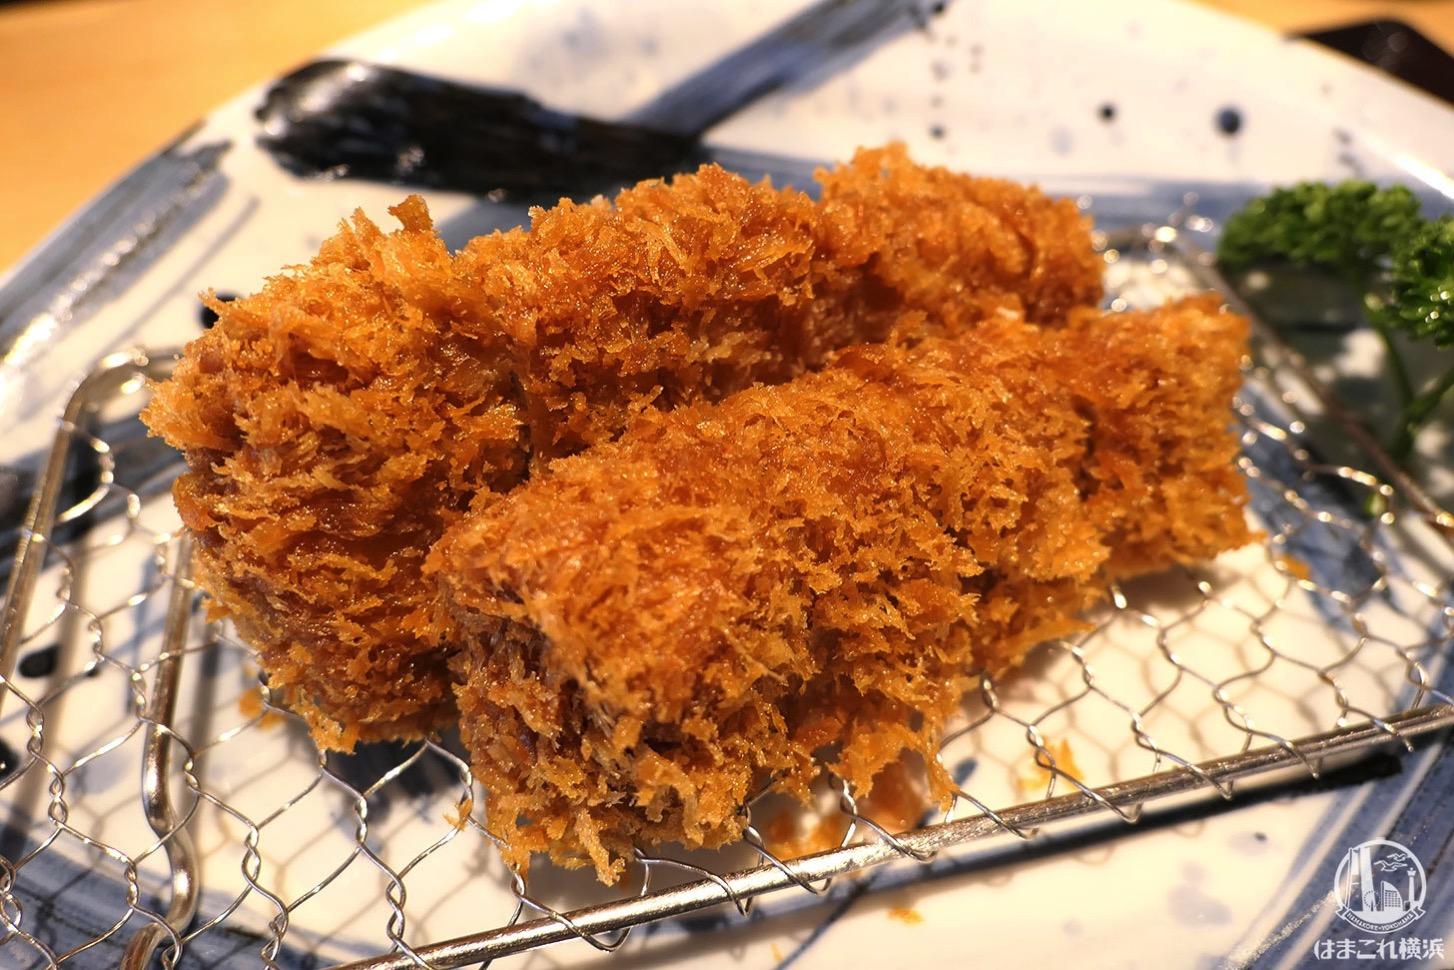 とんかつ馬車道さくらで過去最高に美味しいトンカツ食べて感動!